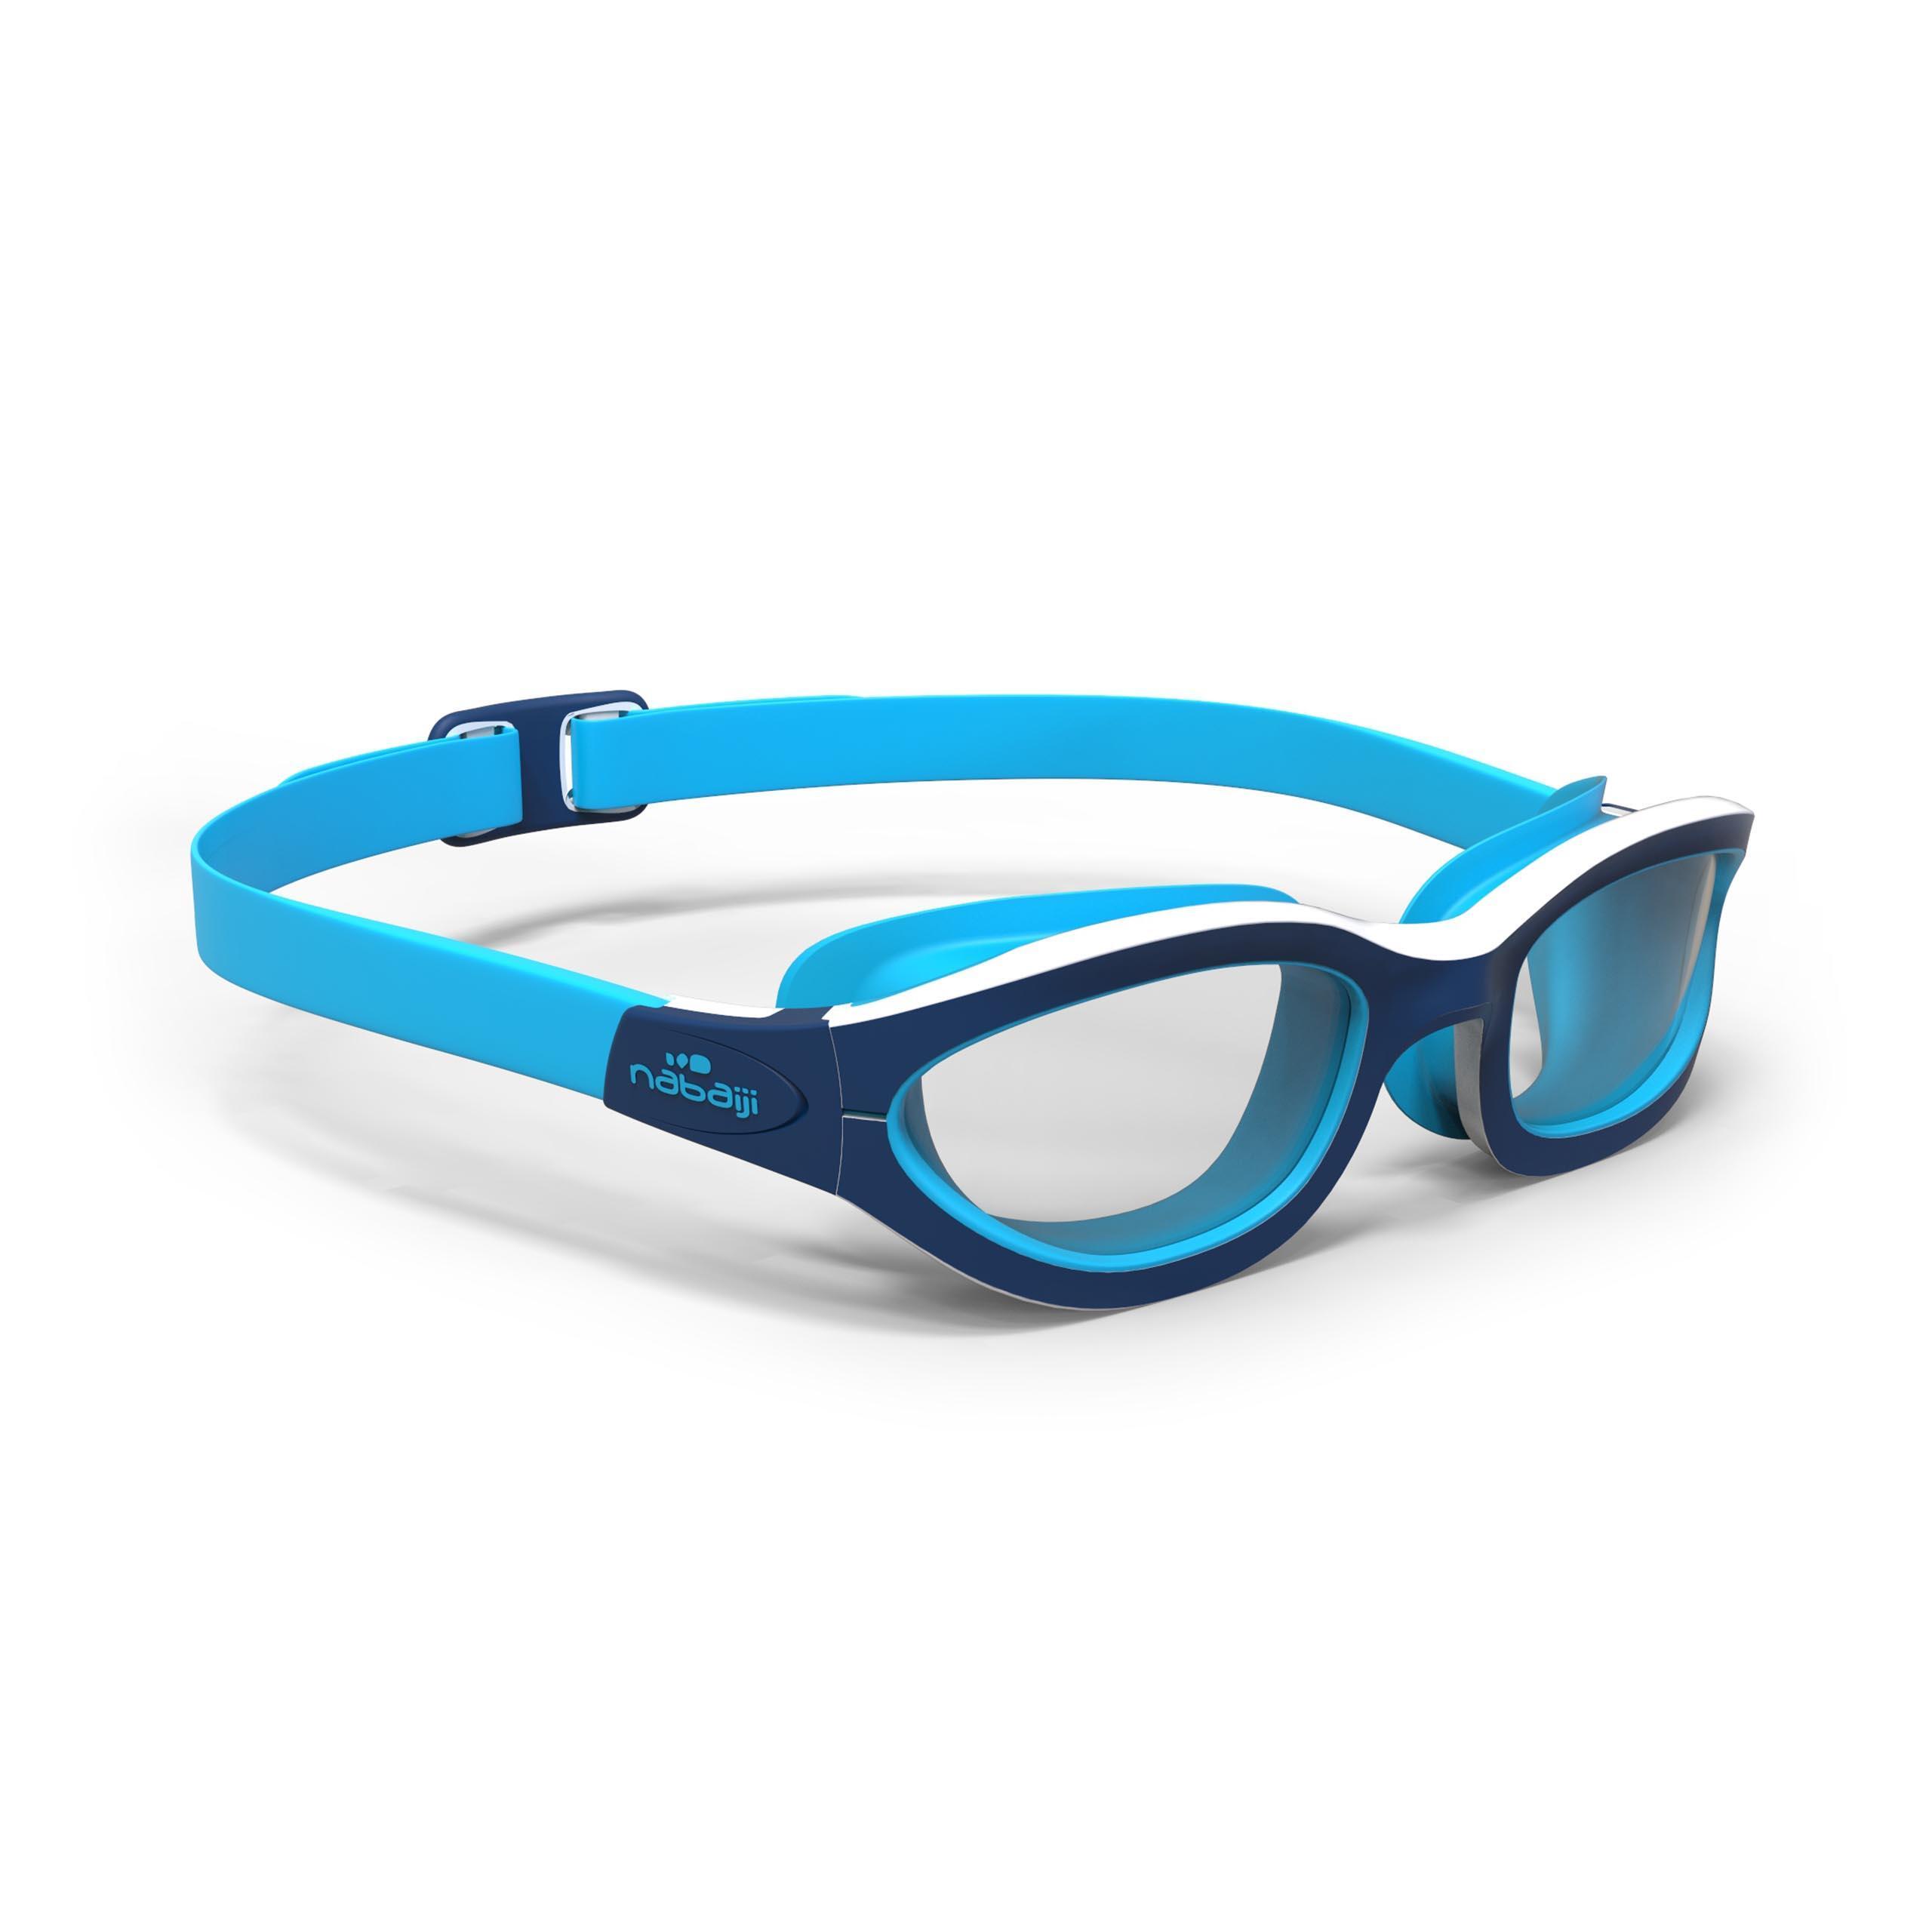 Lunettes de natation EASYDOW Taille P bleu blanc